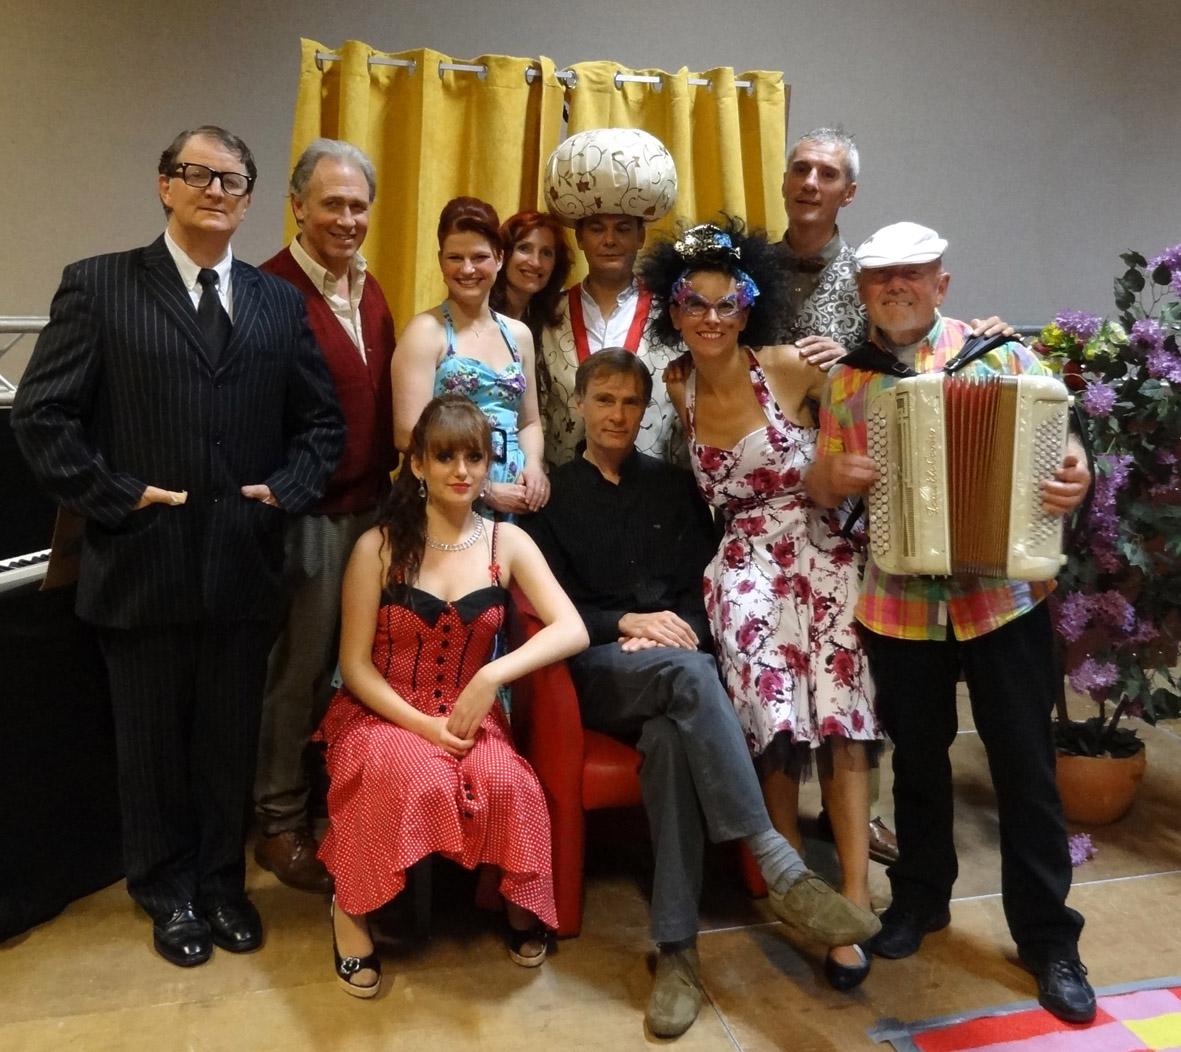 Photo compagnie la barcarolle bellegarde sur valserine pièce de théâtre